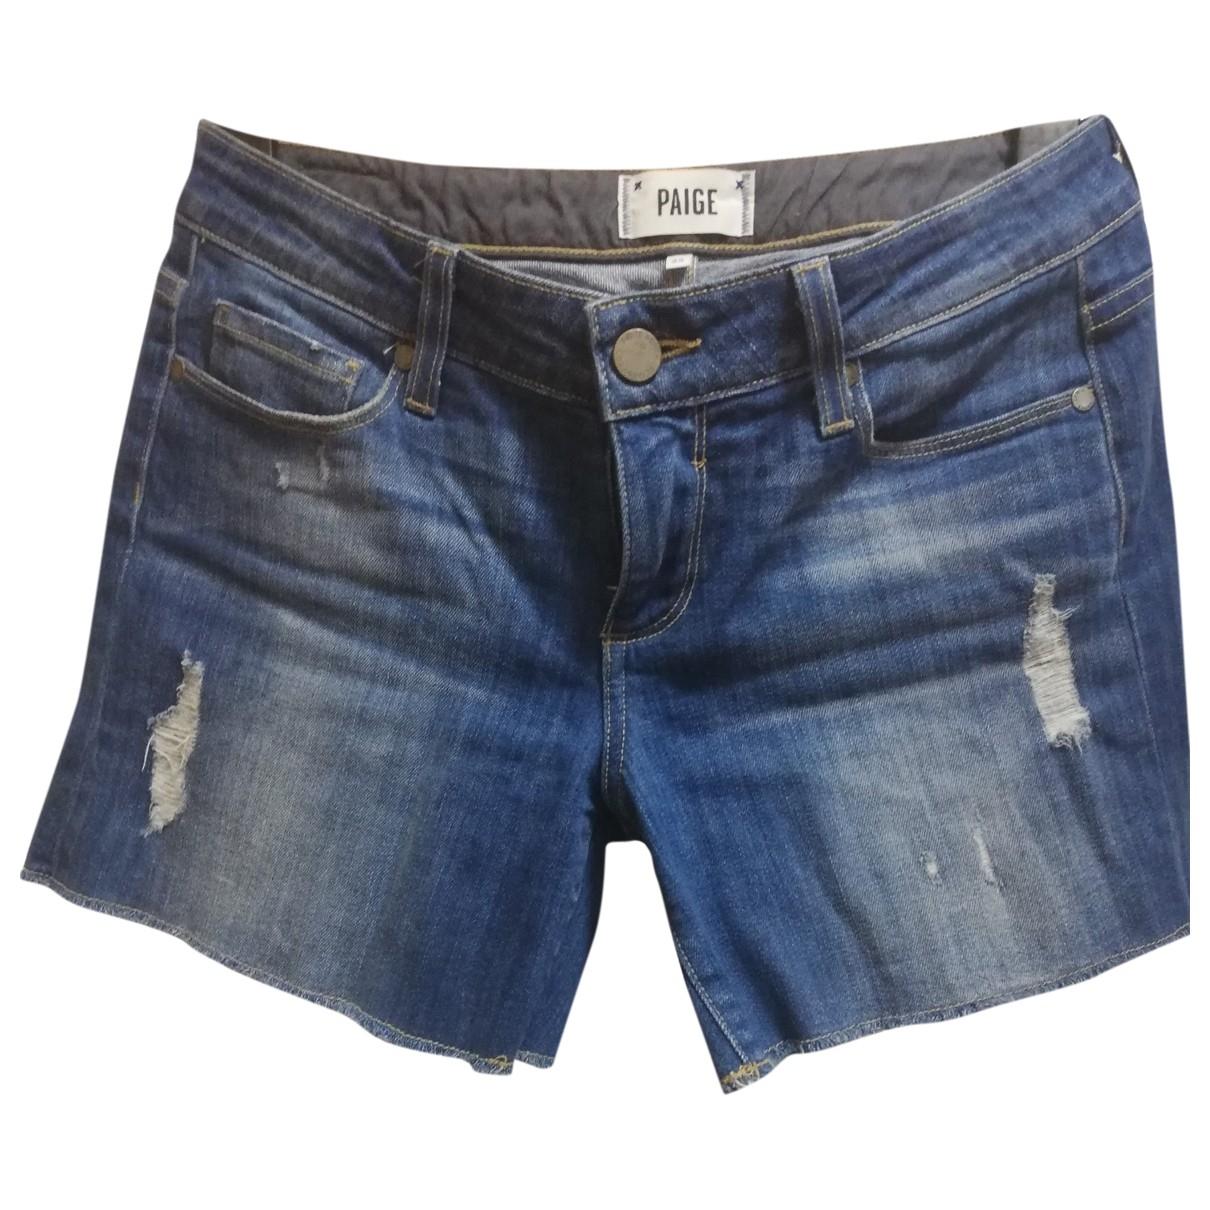 Paige Jeans \N Blue Denim - Jeans Shorts for Women 36 FR